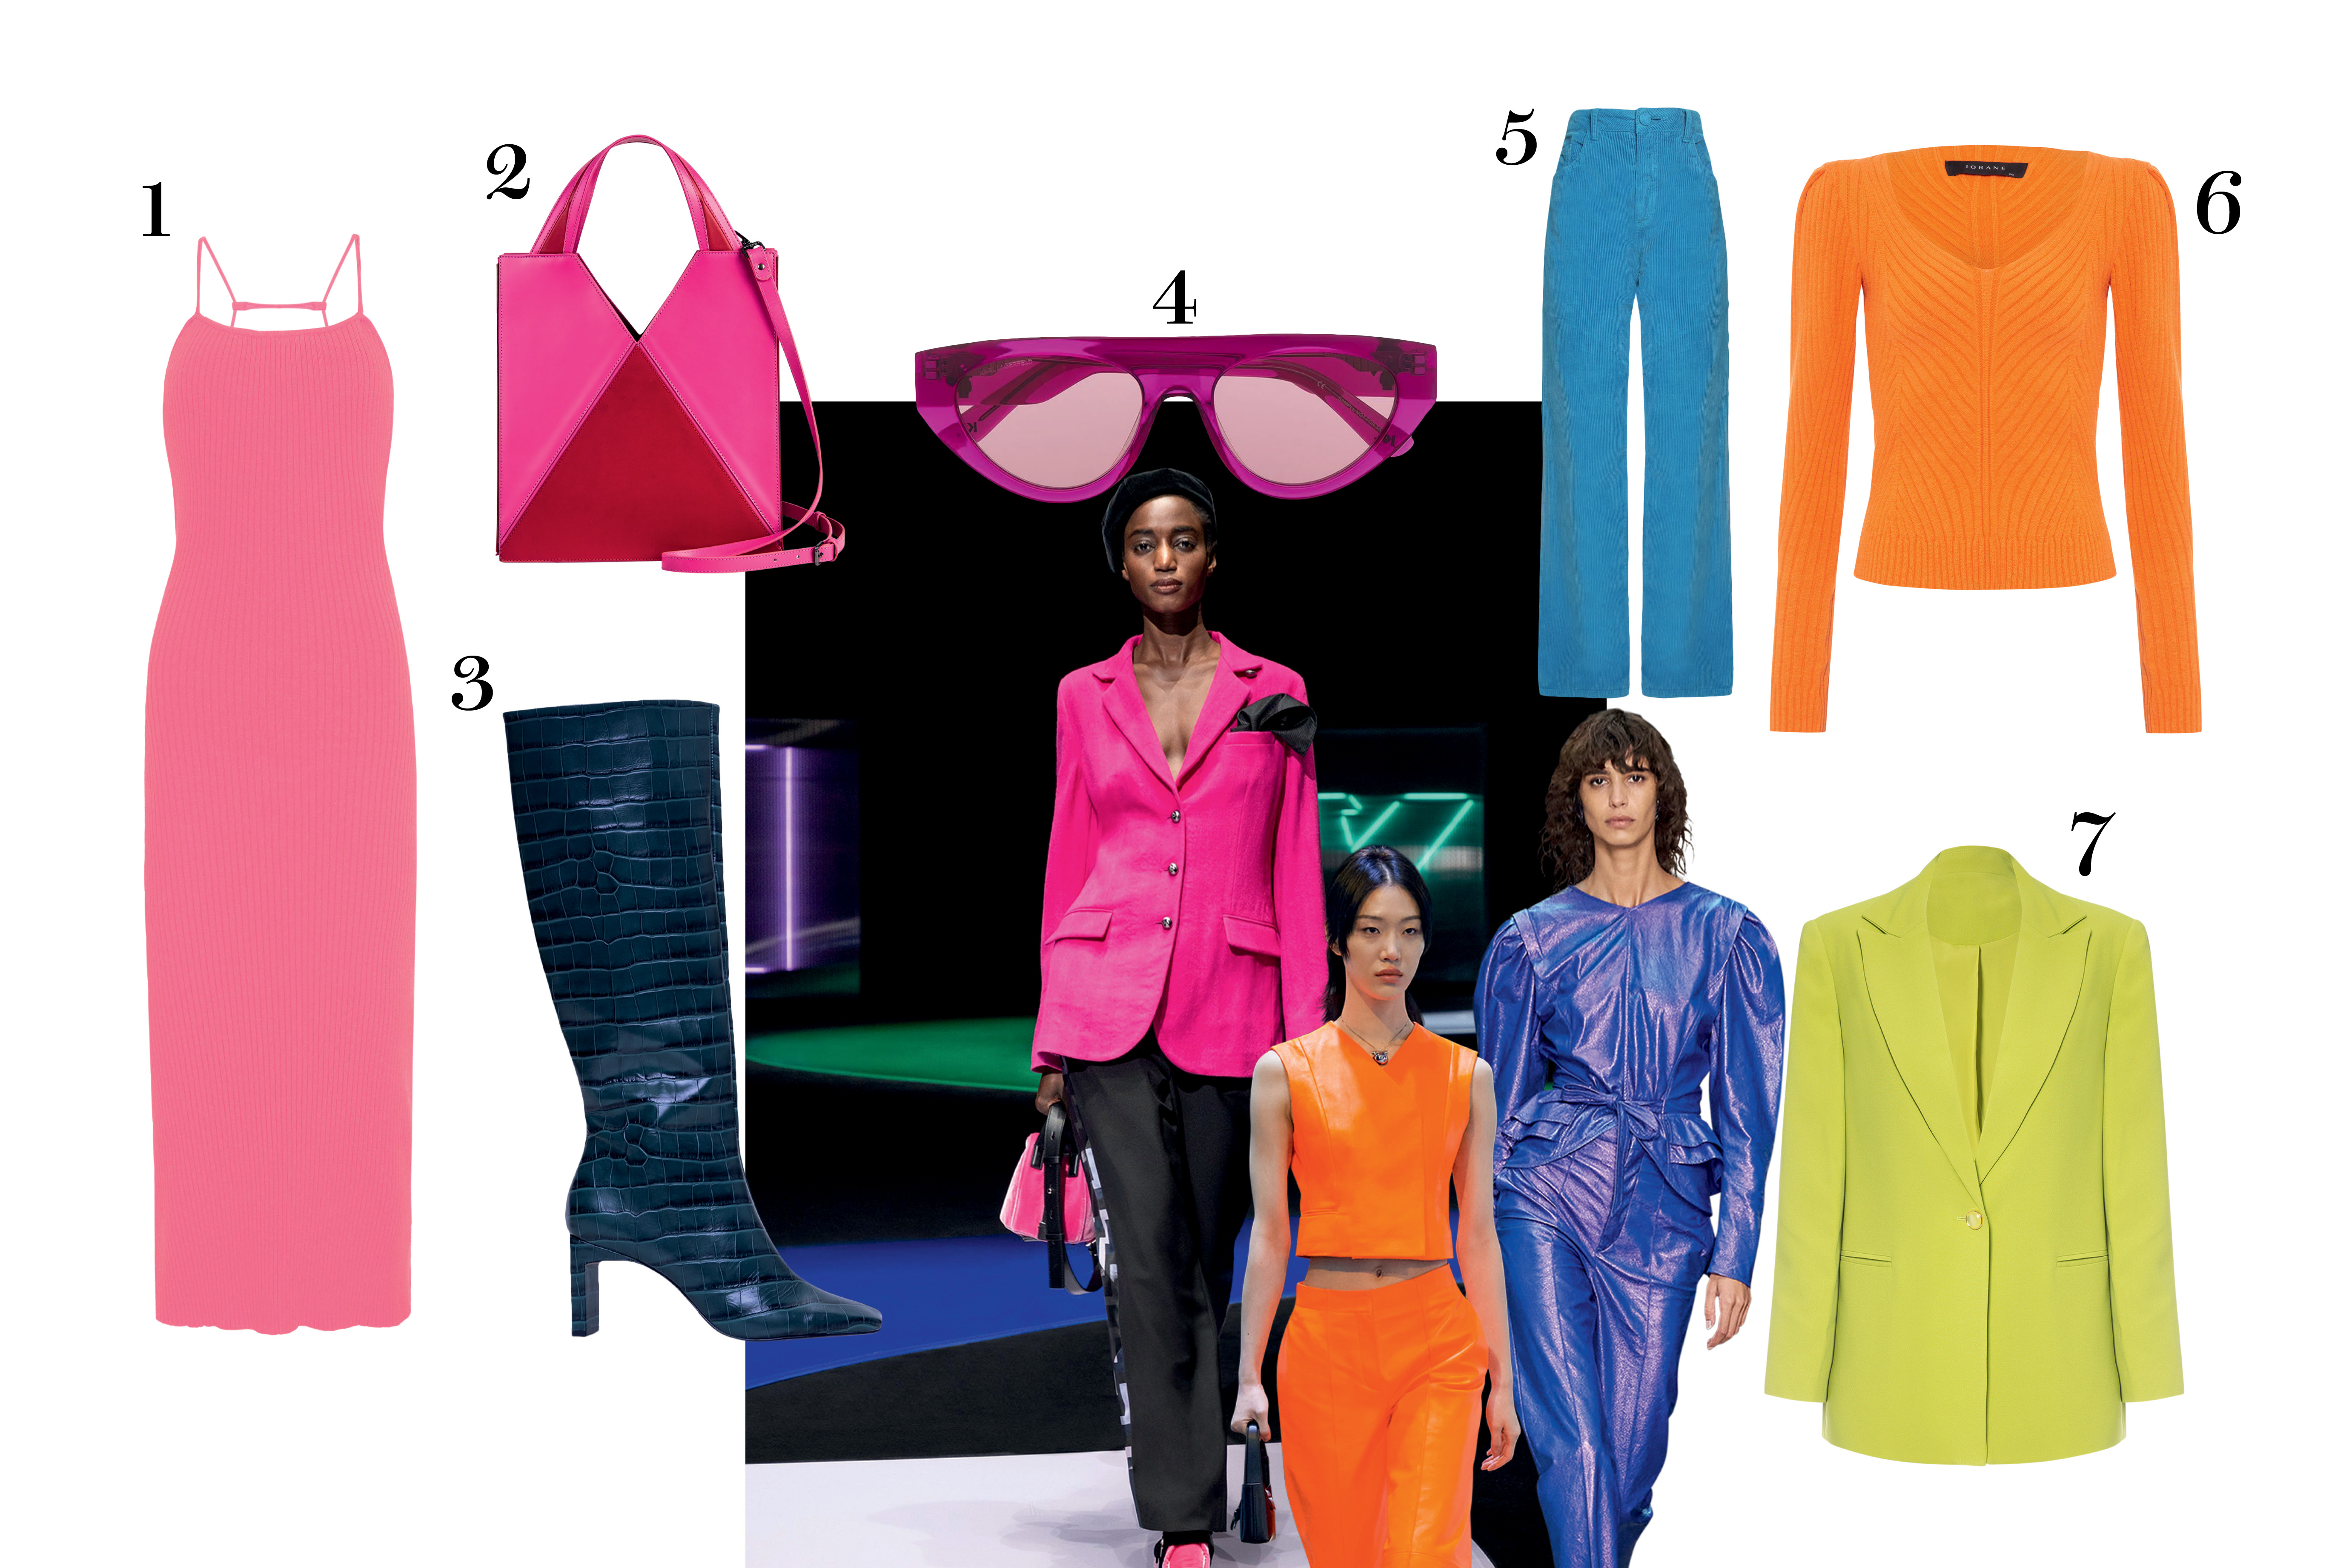 modelos e peças de roupa coloridas